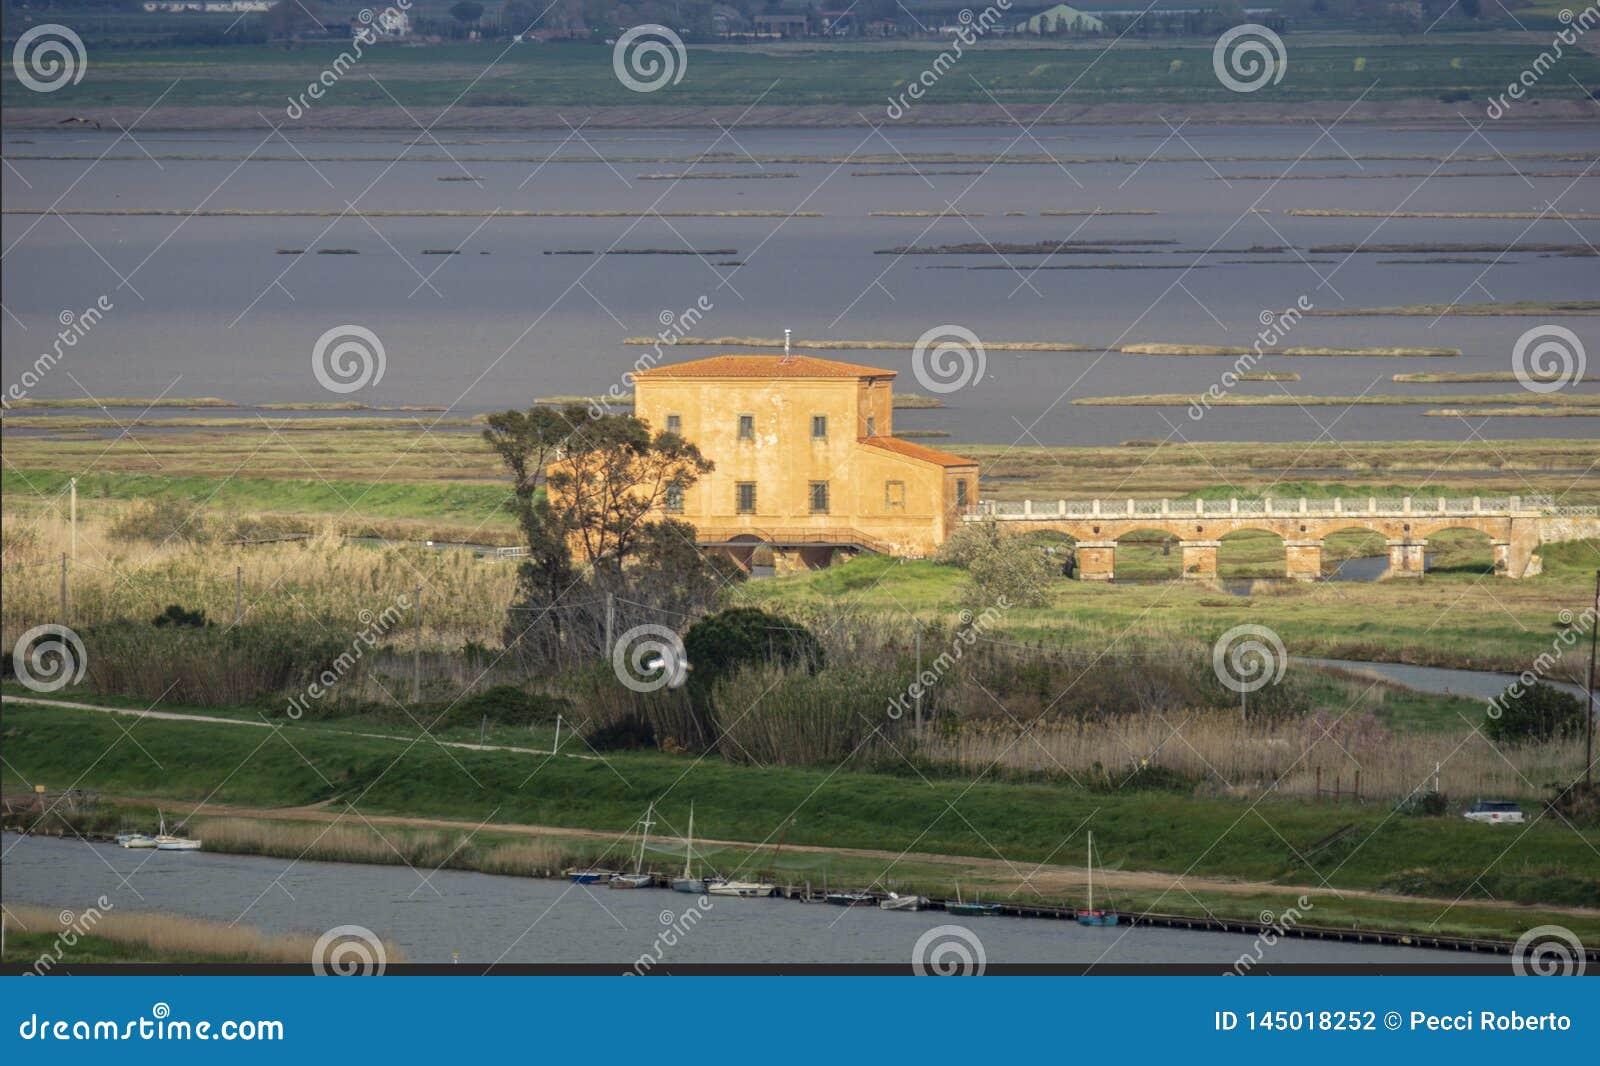 Italy, Tuscany, Castiglione della Pescaia, view of the Diaccia Botrona nature reserve from above